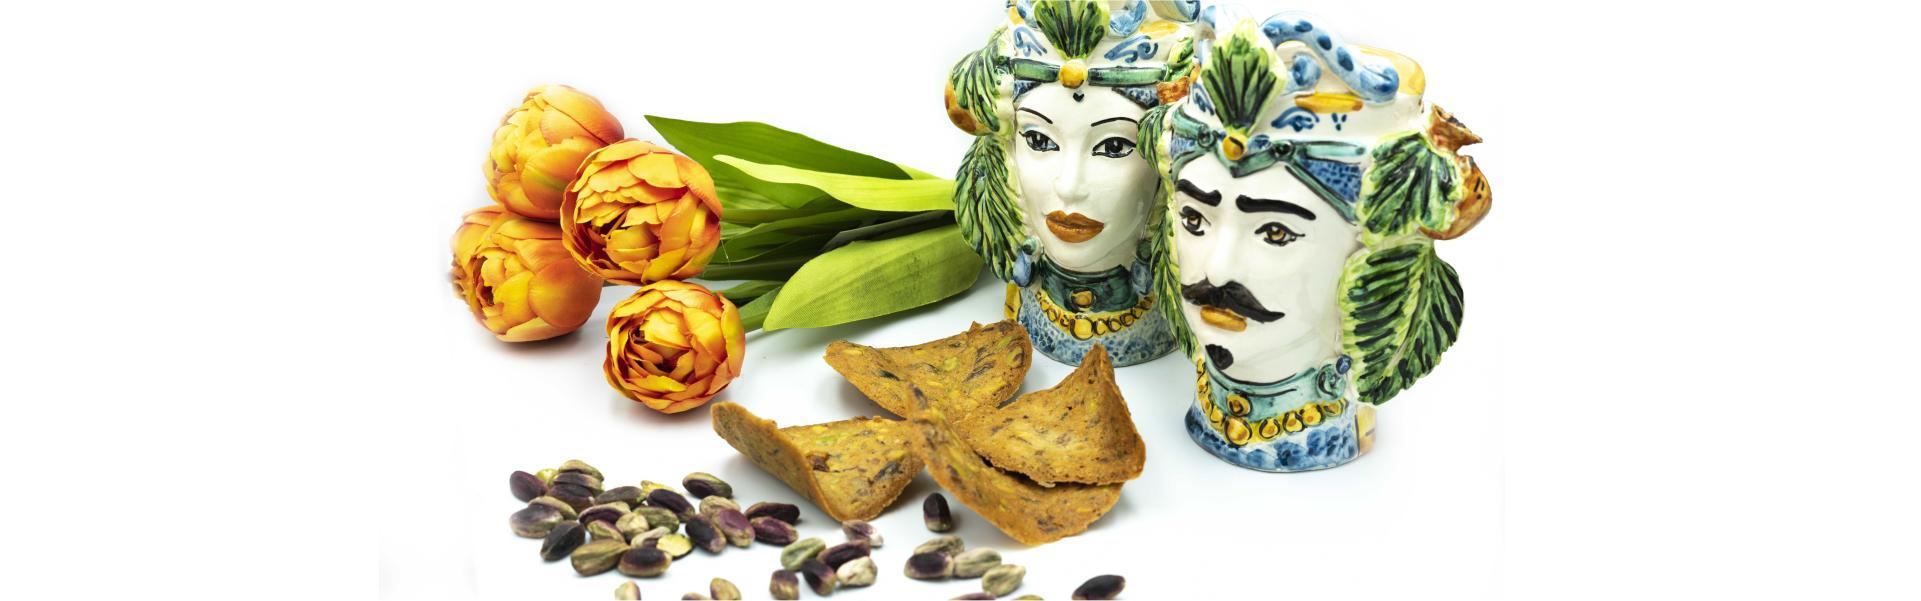 voglie di thè al pistacchio con scenografia